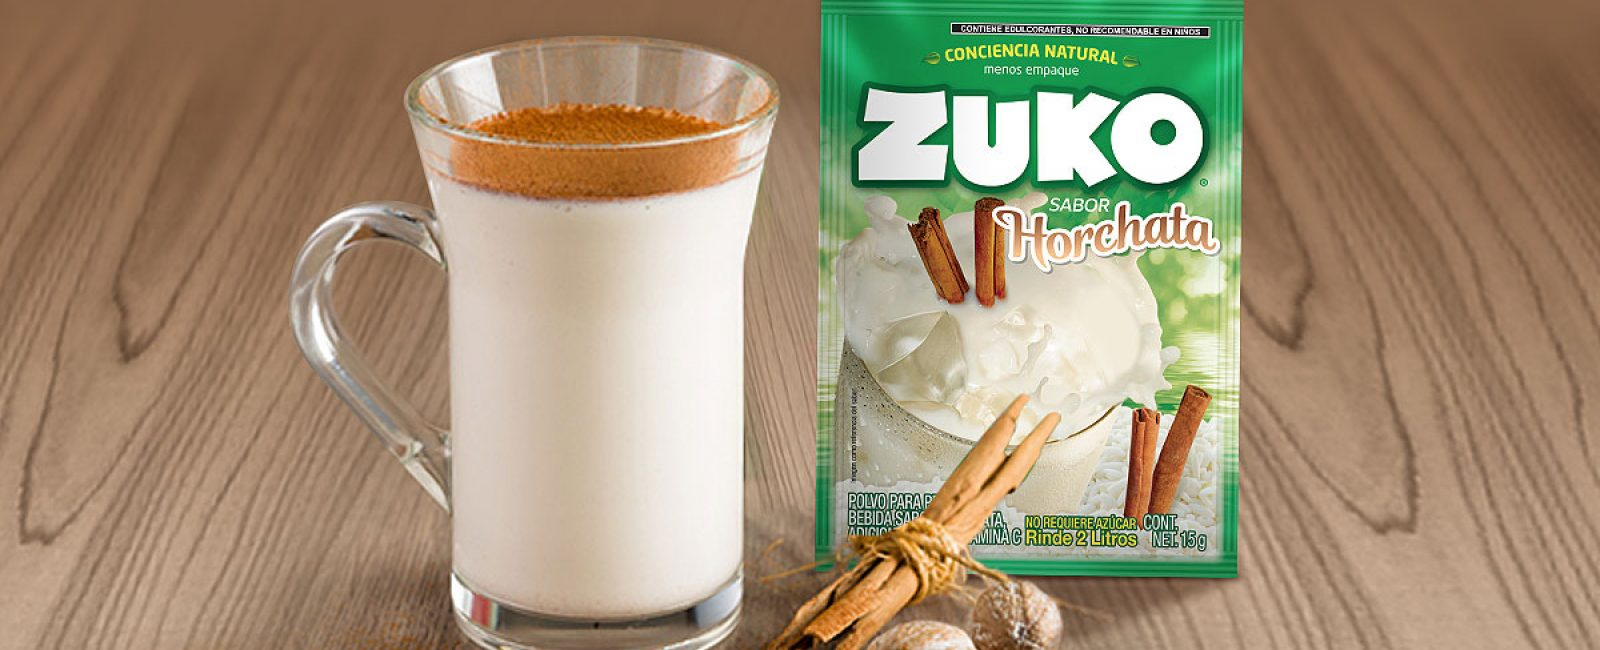 zuko-horchata